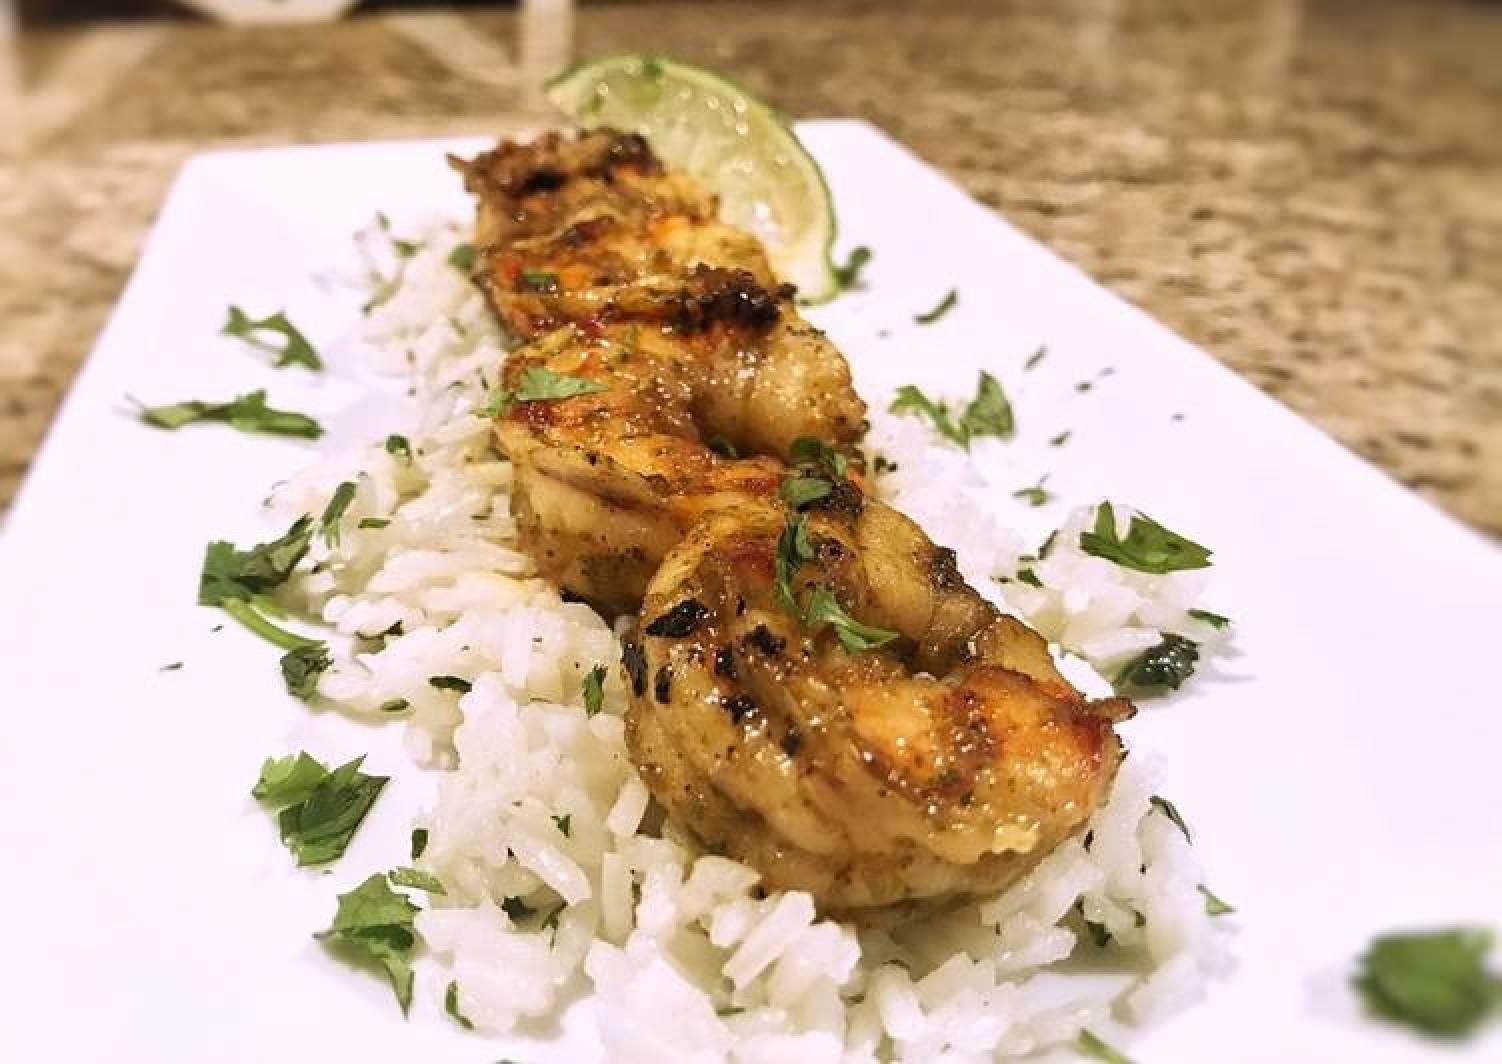 Margarita shrimp with coconut cilantro rice